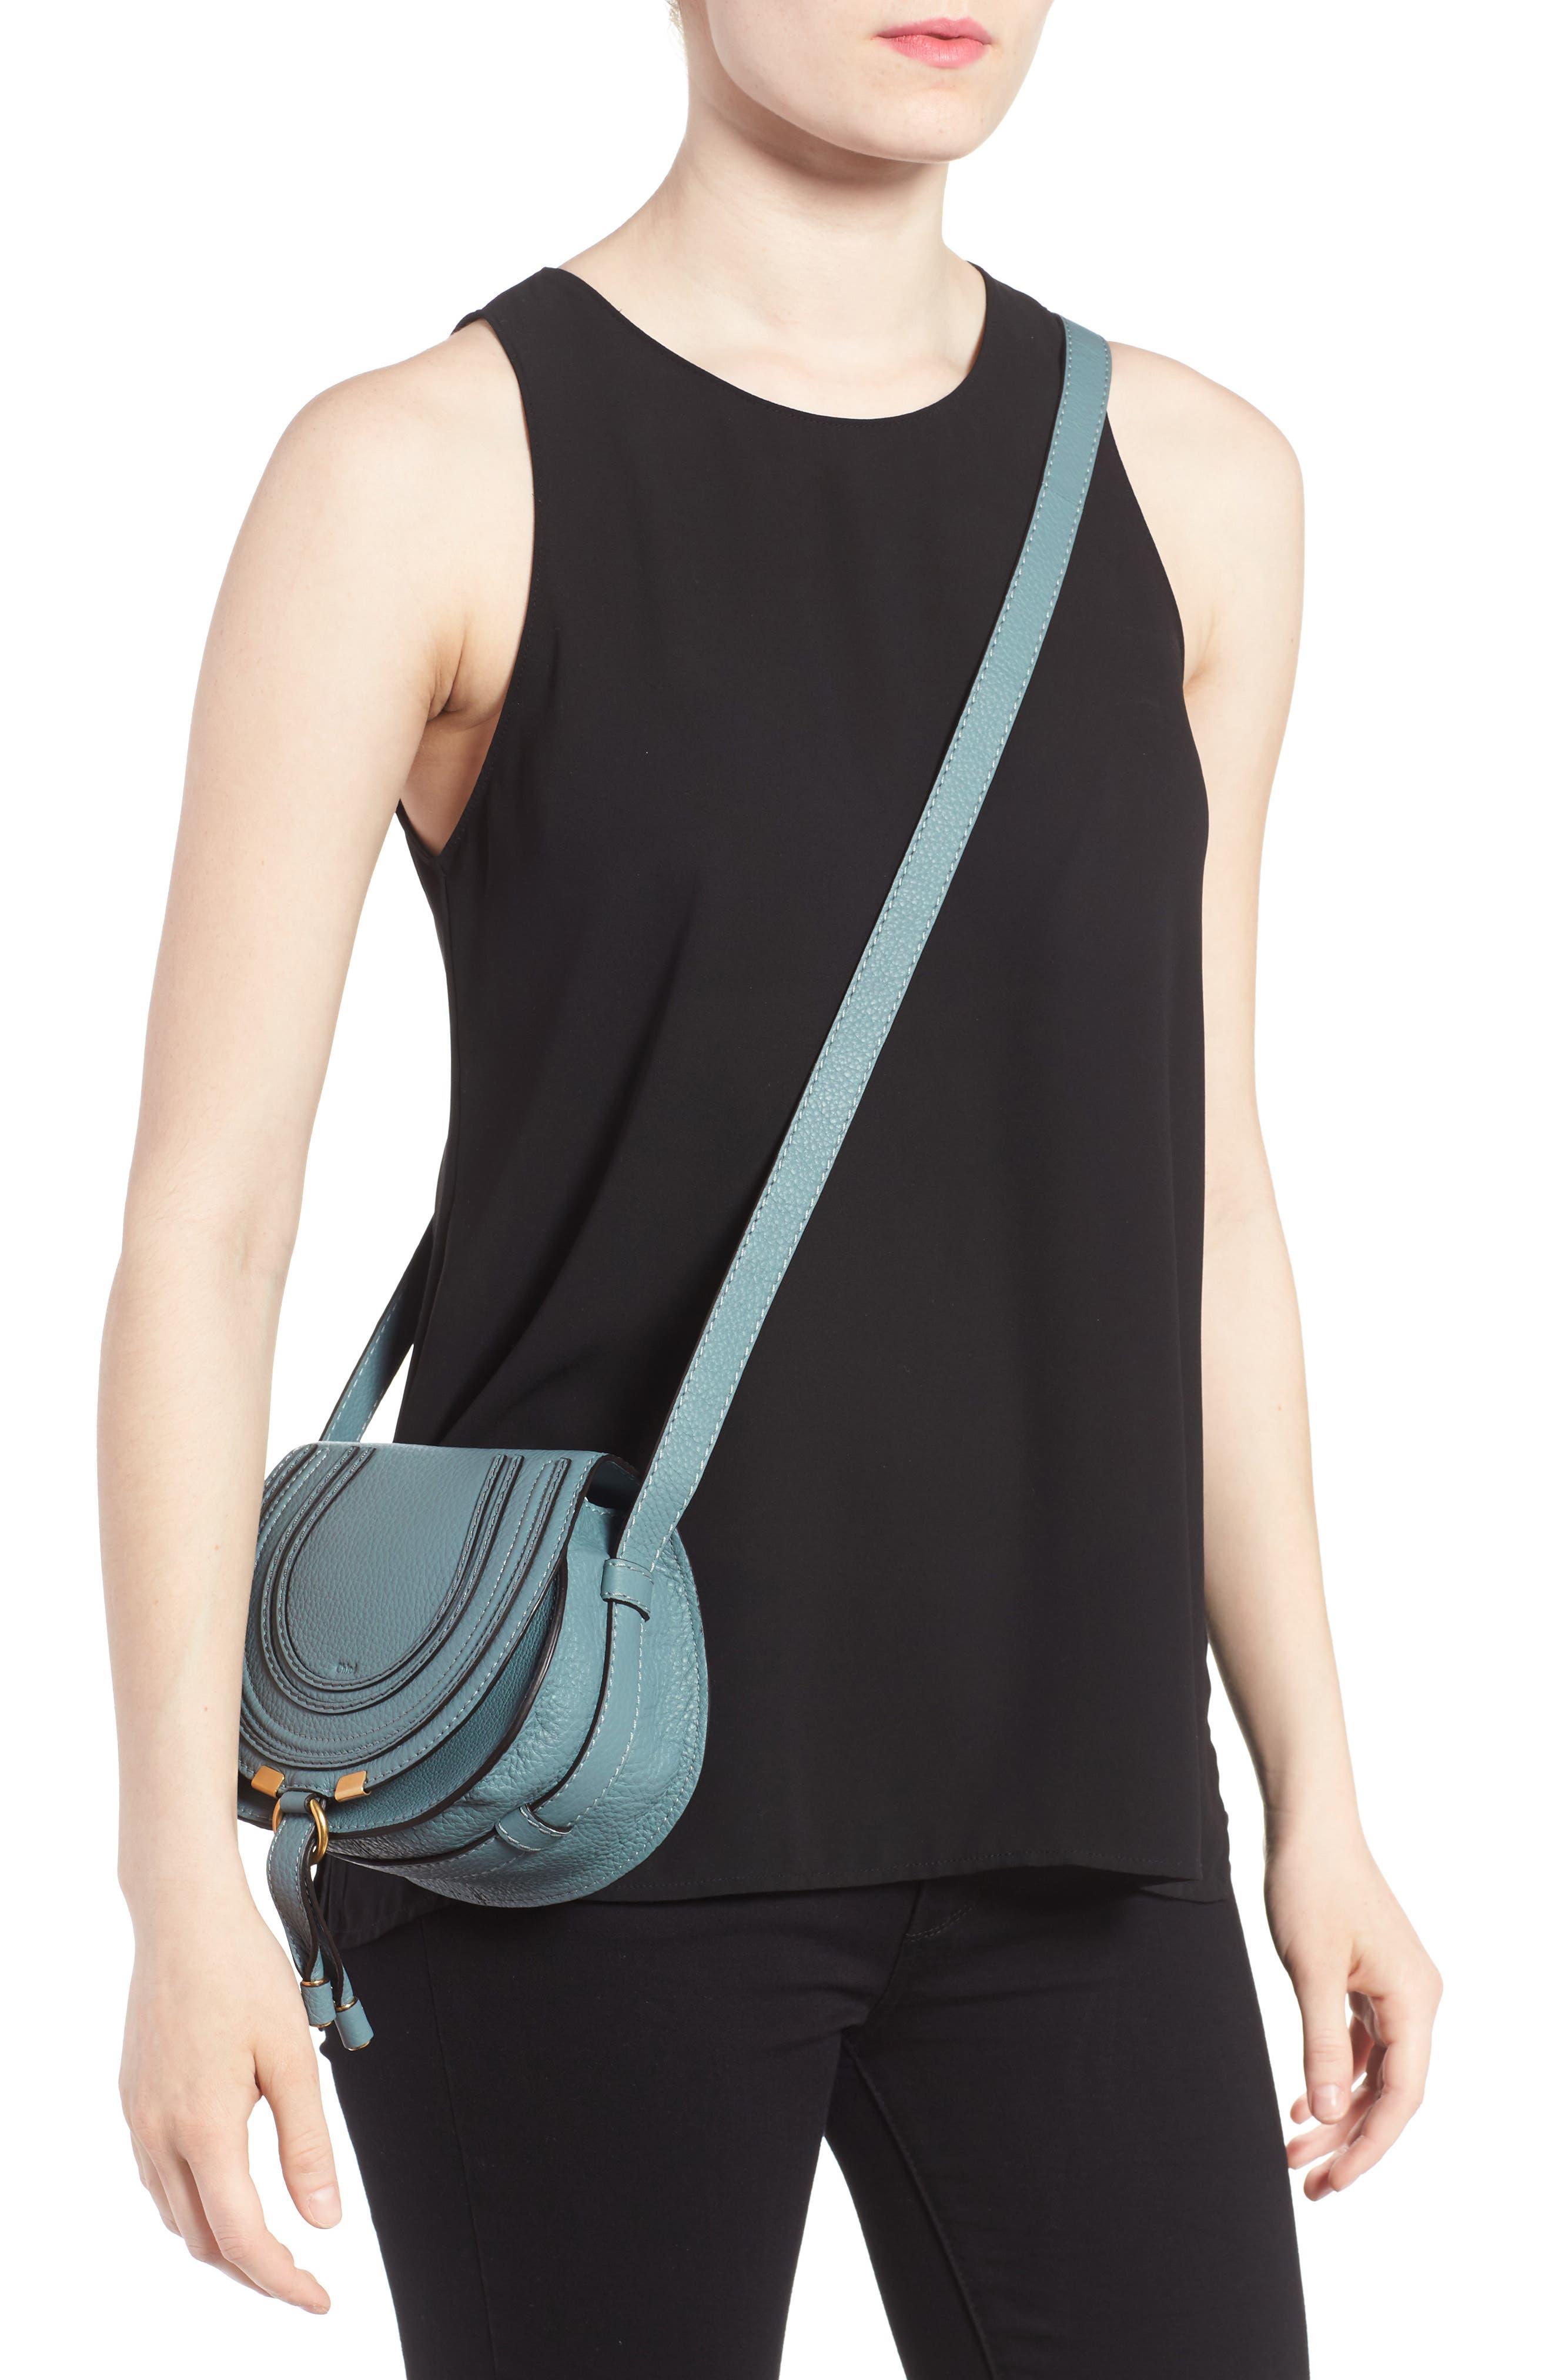 CHLOÉ, 'Mini Marcie' Leather Crossbody Bag, Alternate thumbnail 2, color, BFC CLOUDY BLUE